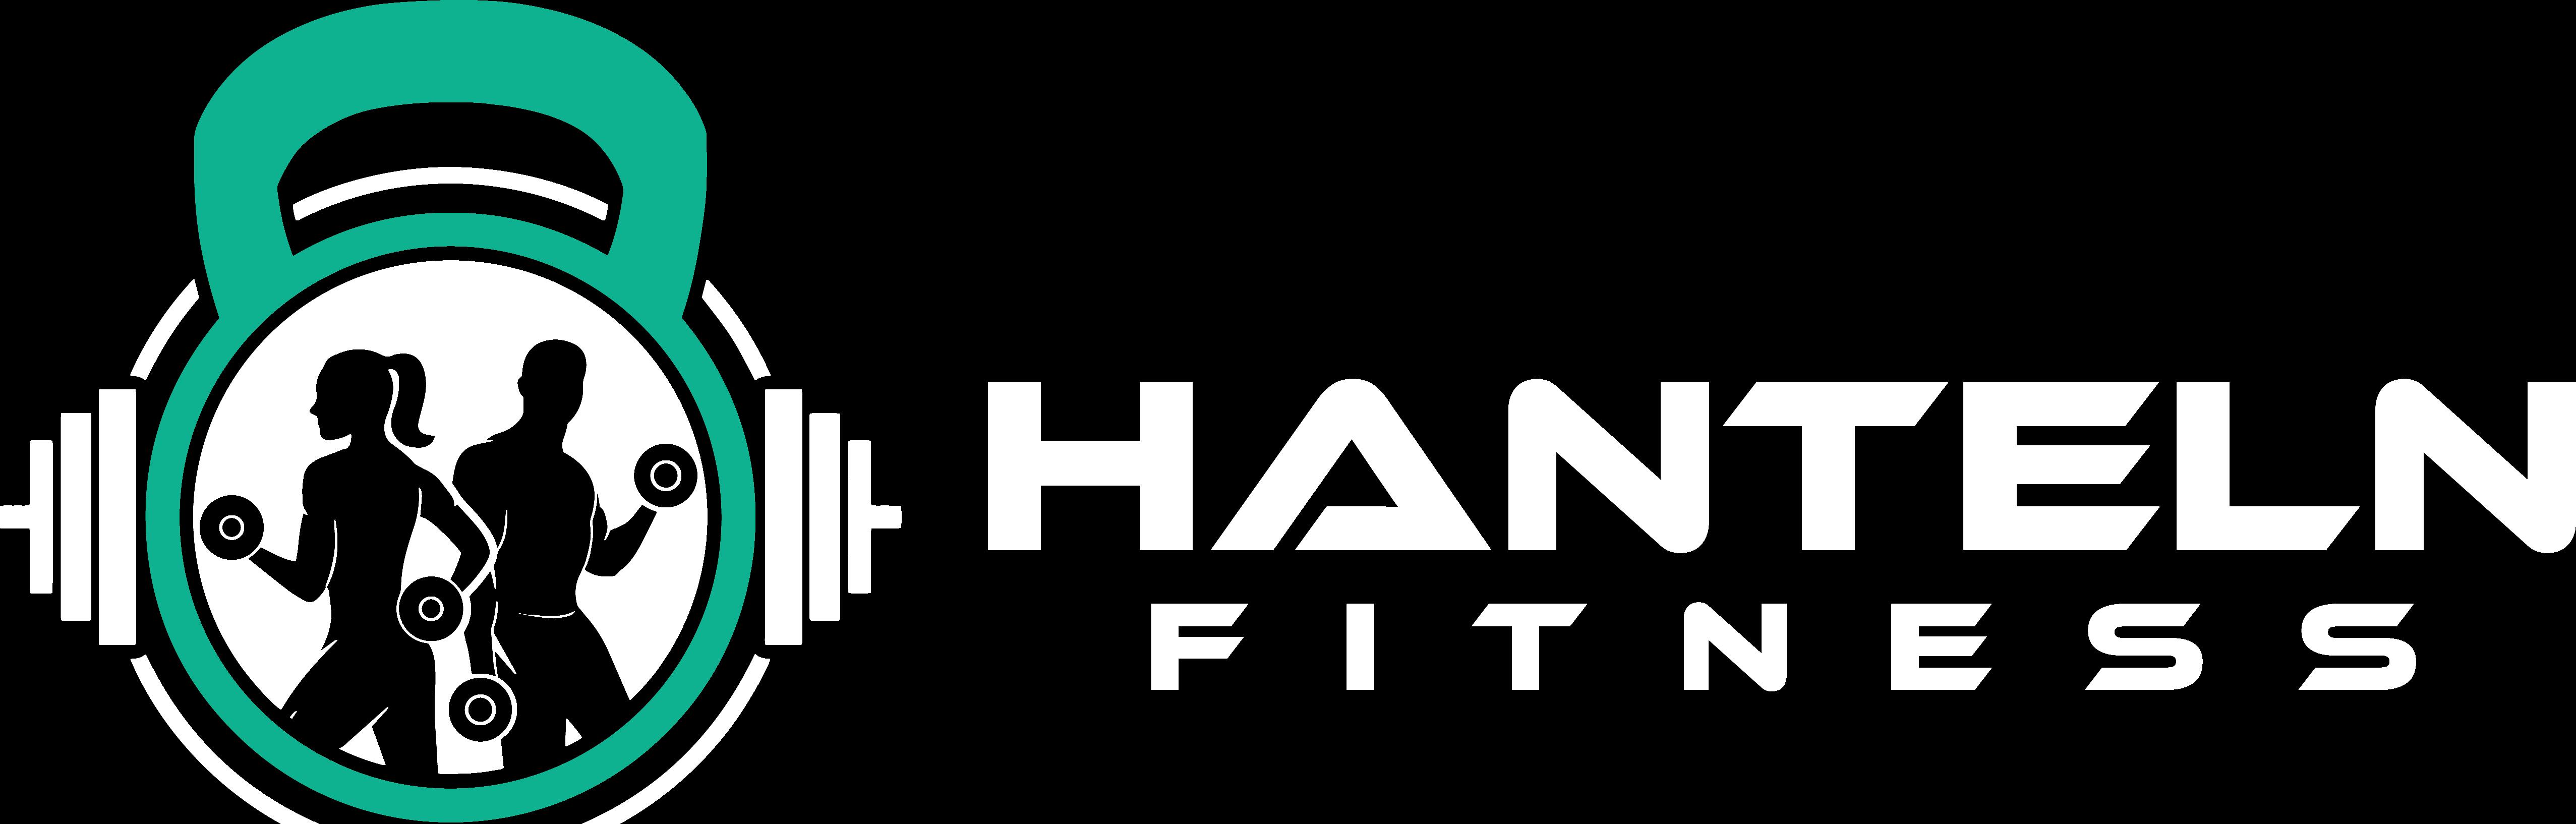 Hanteln-Fitness.de - Wir helfen dir bei der Suche nach den besten Hanteln für dein Training.